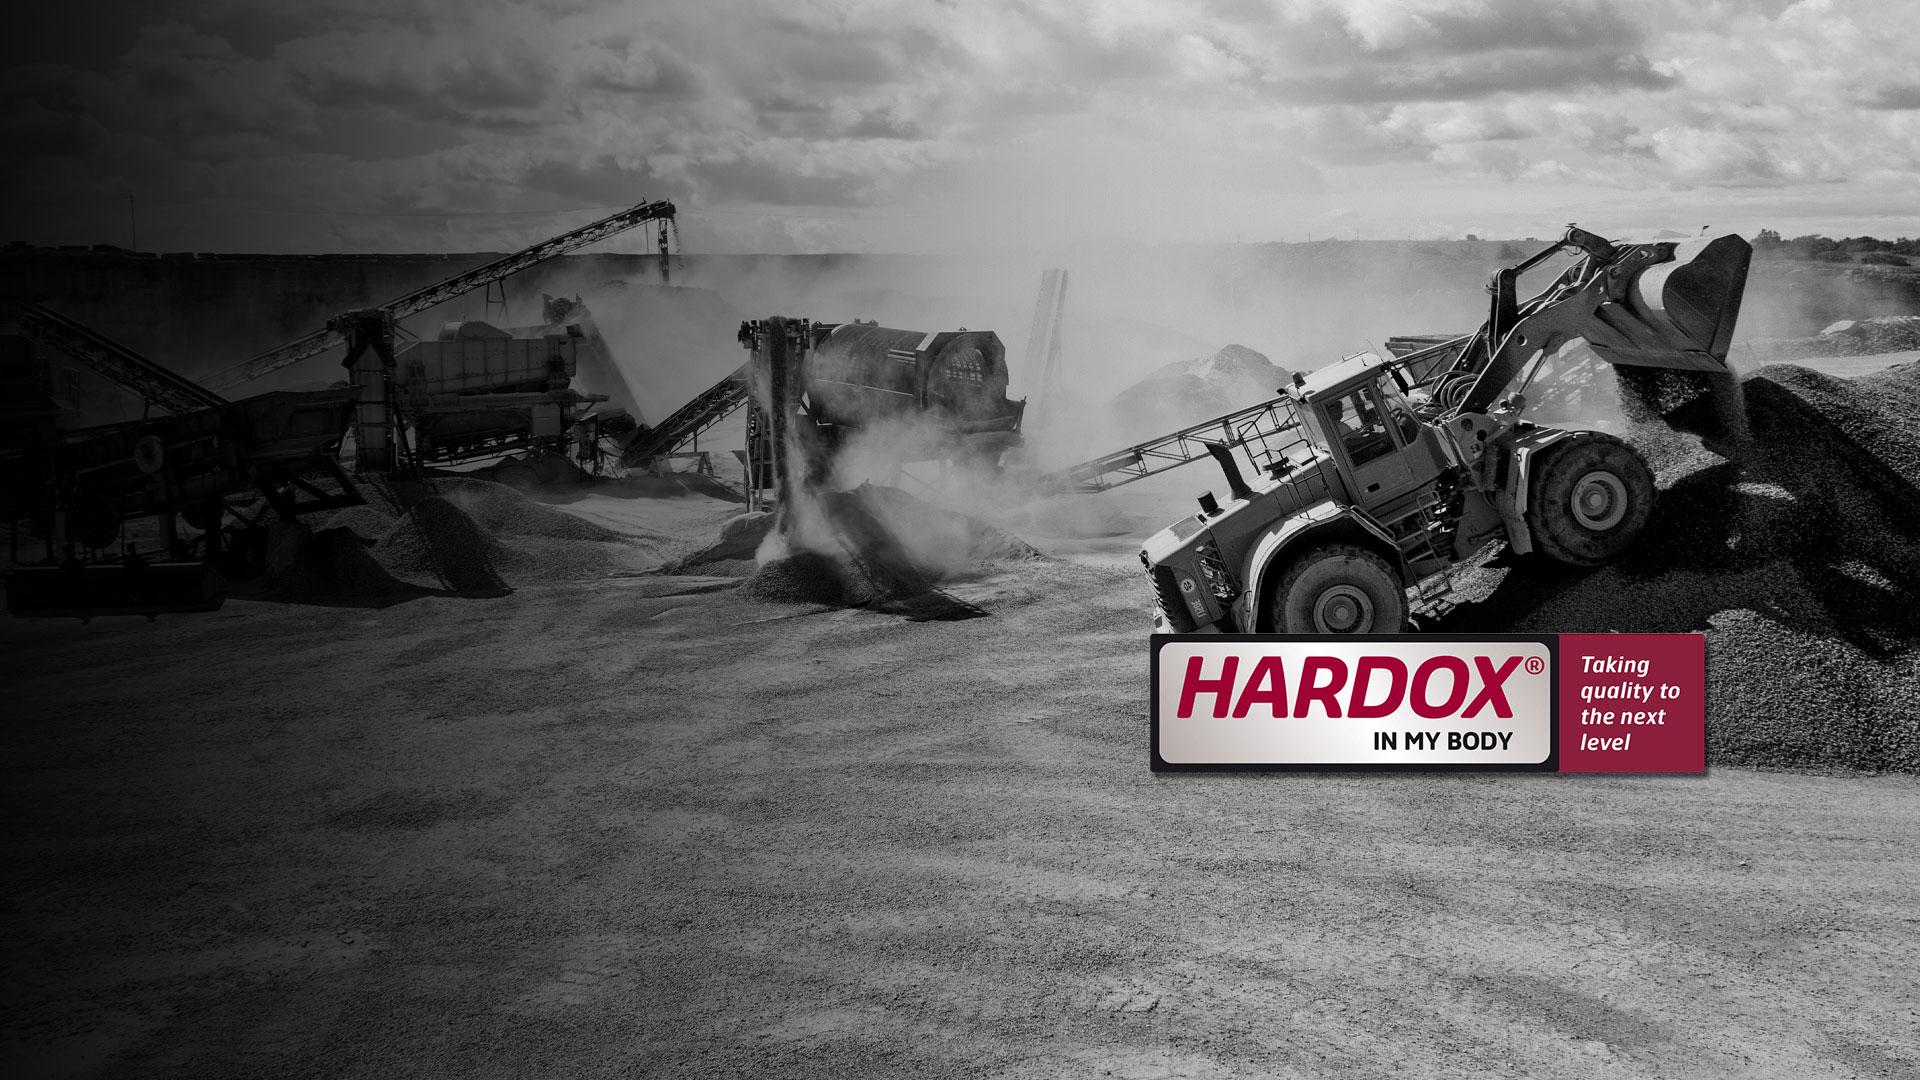 Hardox In My Body Vorteile